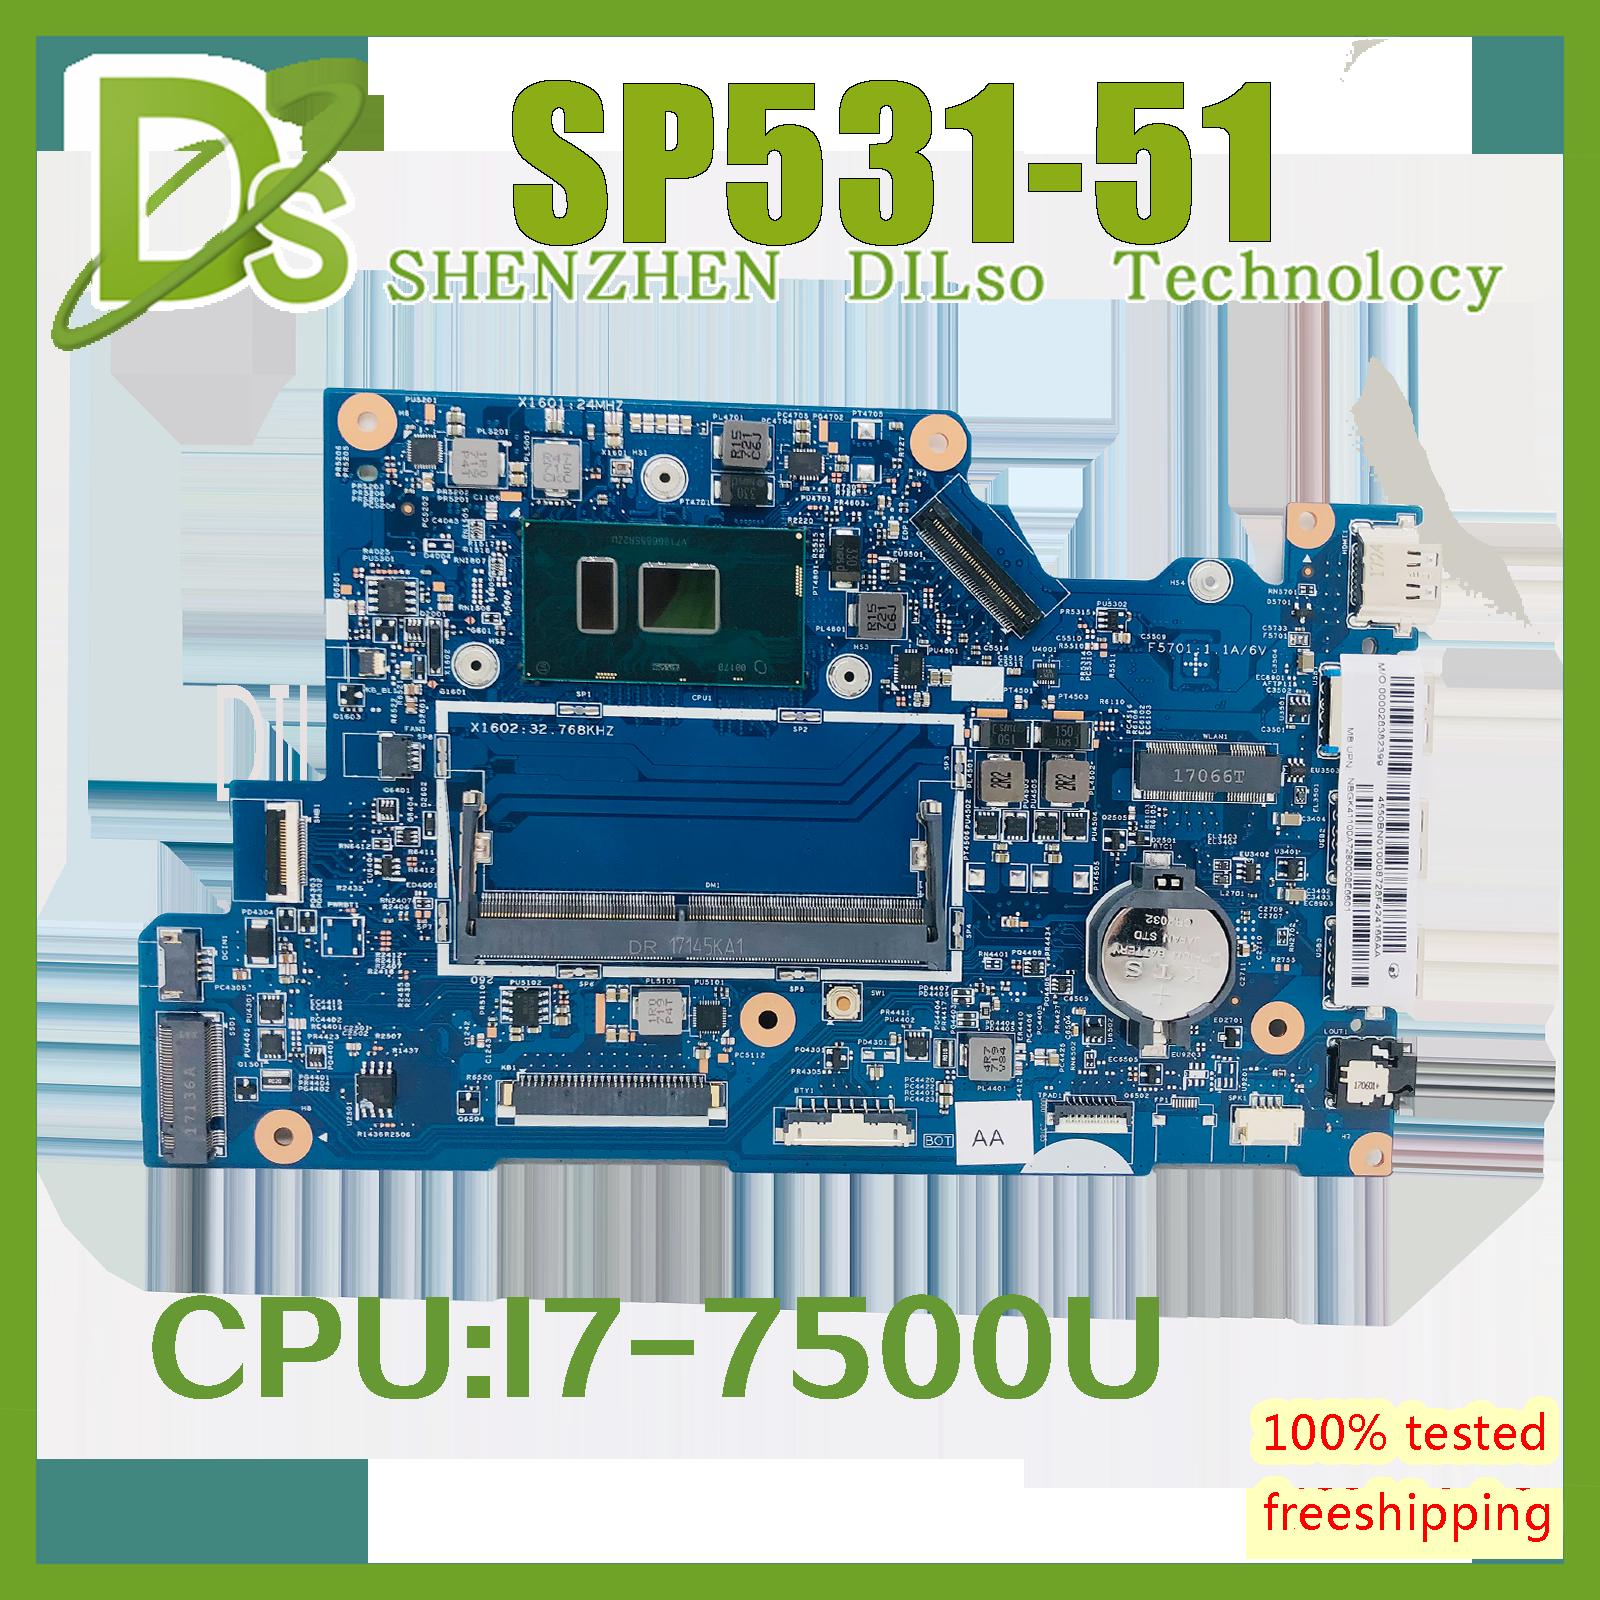 16801-1 اللوحة الأم الأصلية مناسبة لشركة أيسر أسباير SP513-51 اللوحة الأم للكمبيوتر المحمول مع I7-7500U DDR4 100% تعمل بشكل جيد